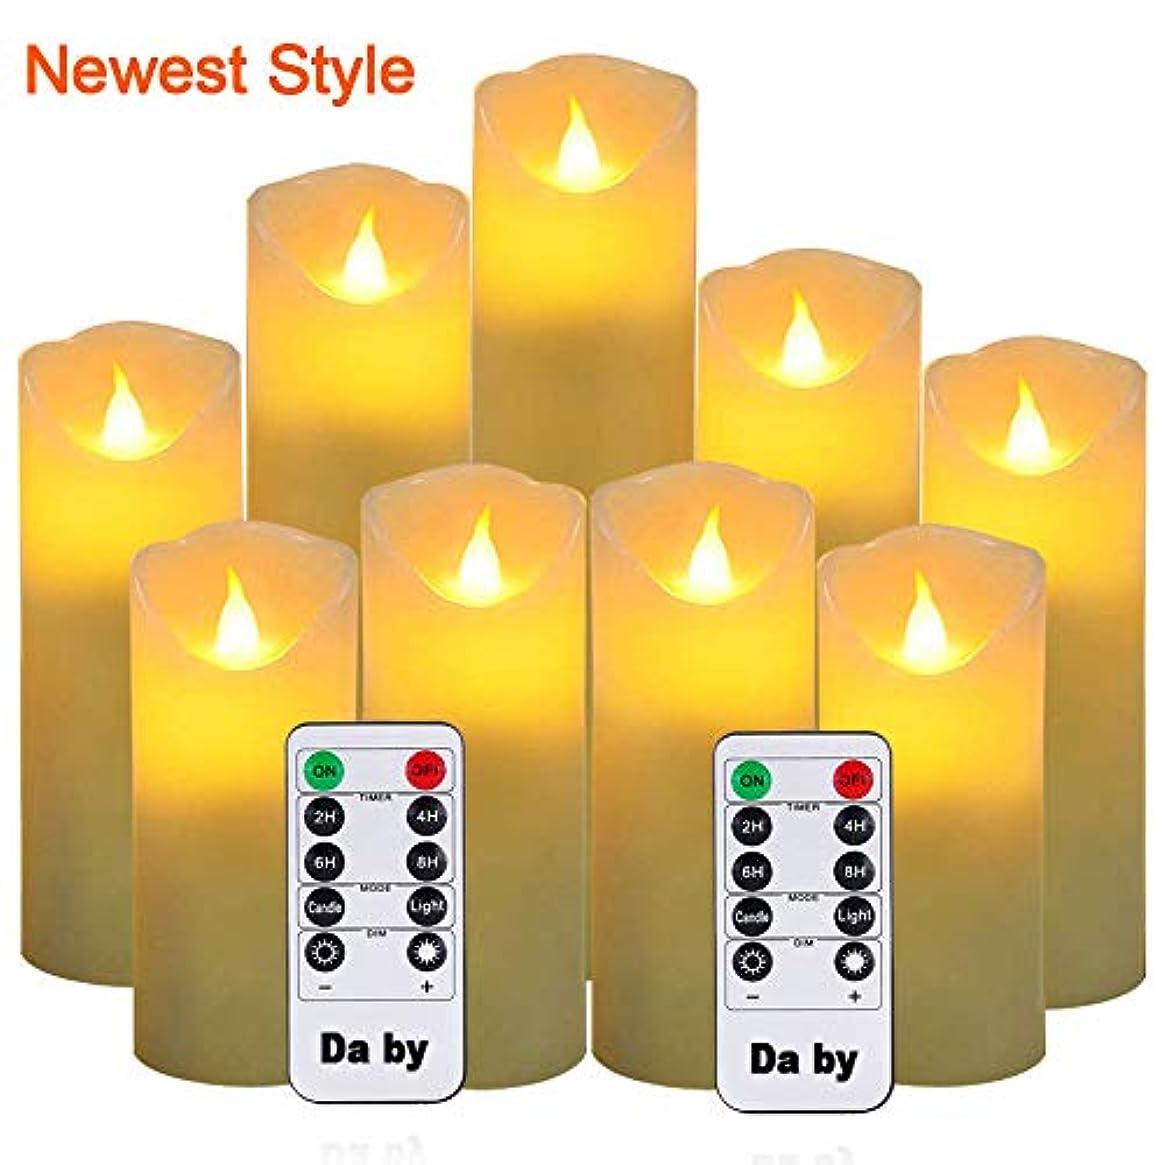 過ち着るトロリーバスDa by Flameless Candles LEDキャンドル 9個セット (高さ 5 5.5 6 7 8 9 x 奥行き 2.1インチ) アイボリー 本物のワックスバッテリーキャンドル (電池は含まれていません) リモコンタイマー2個付き